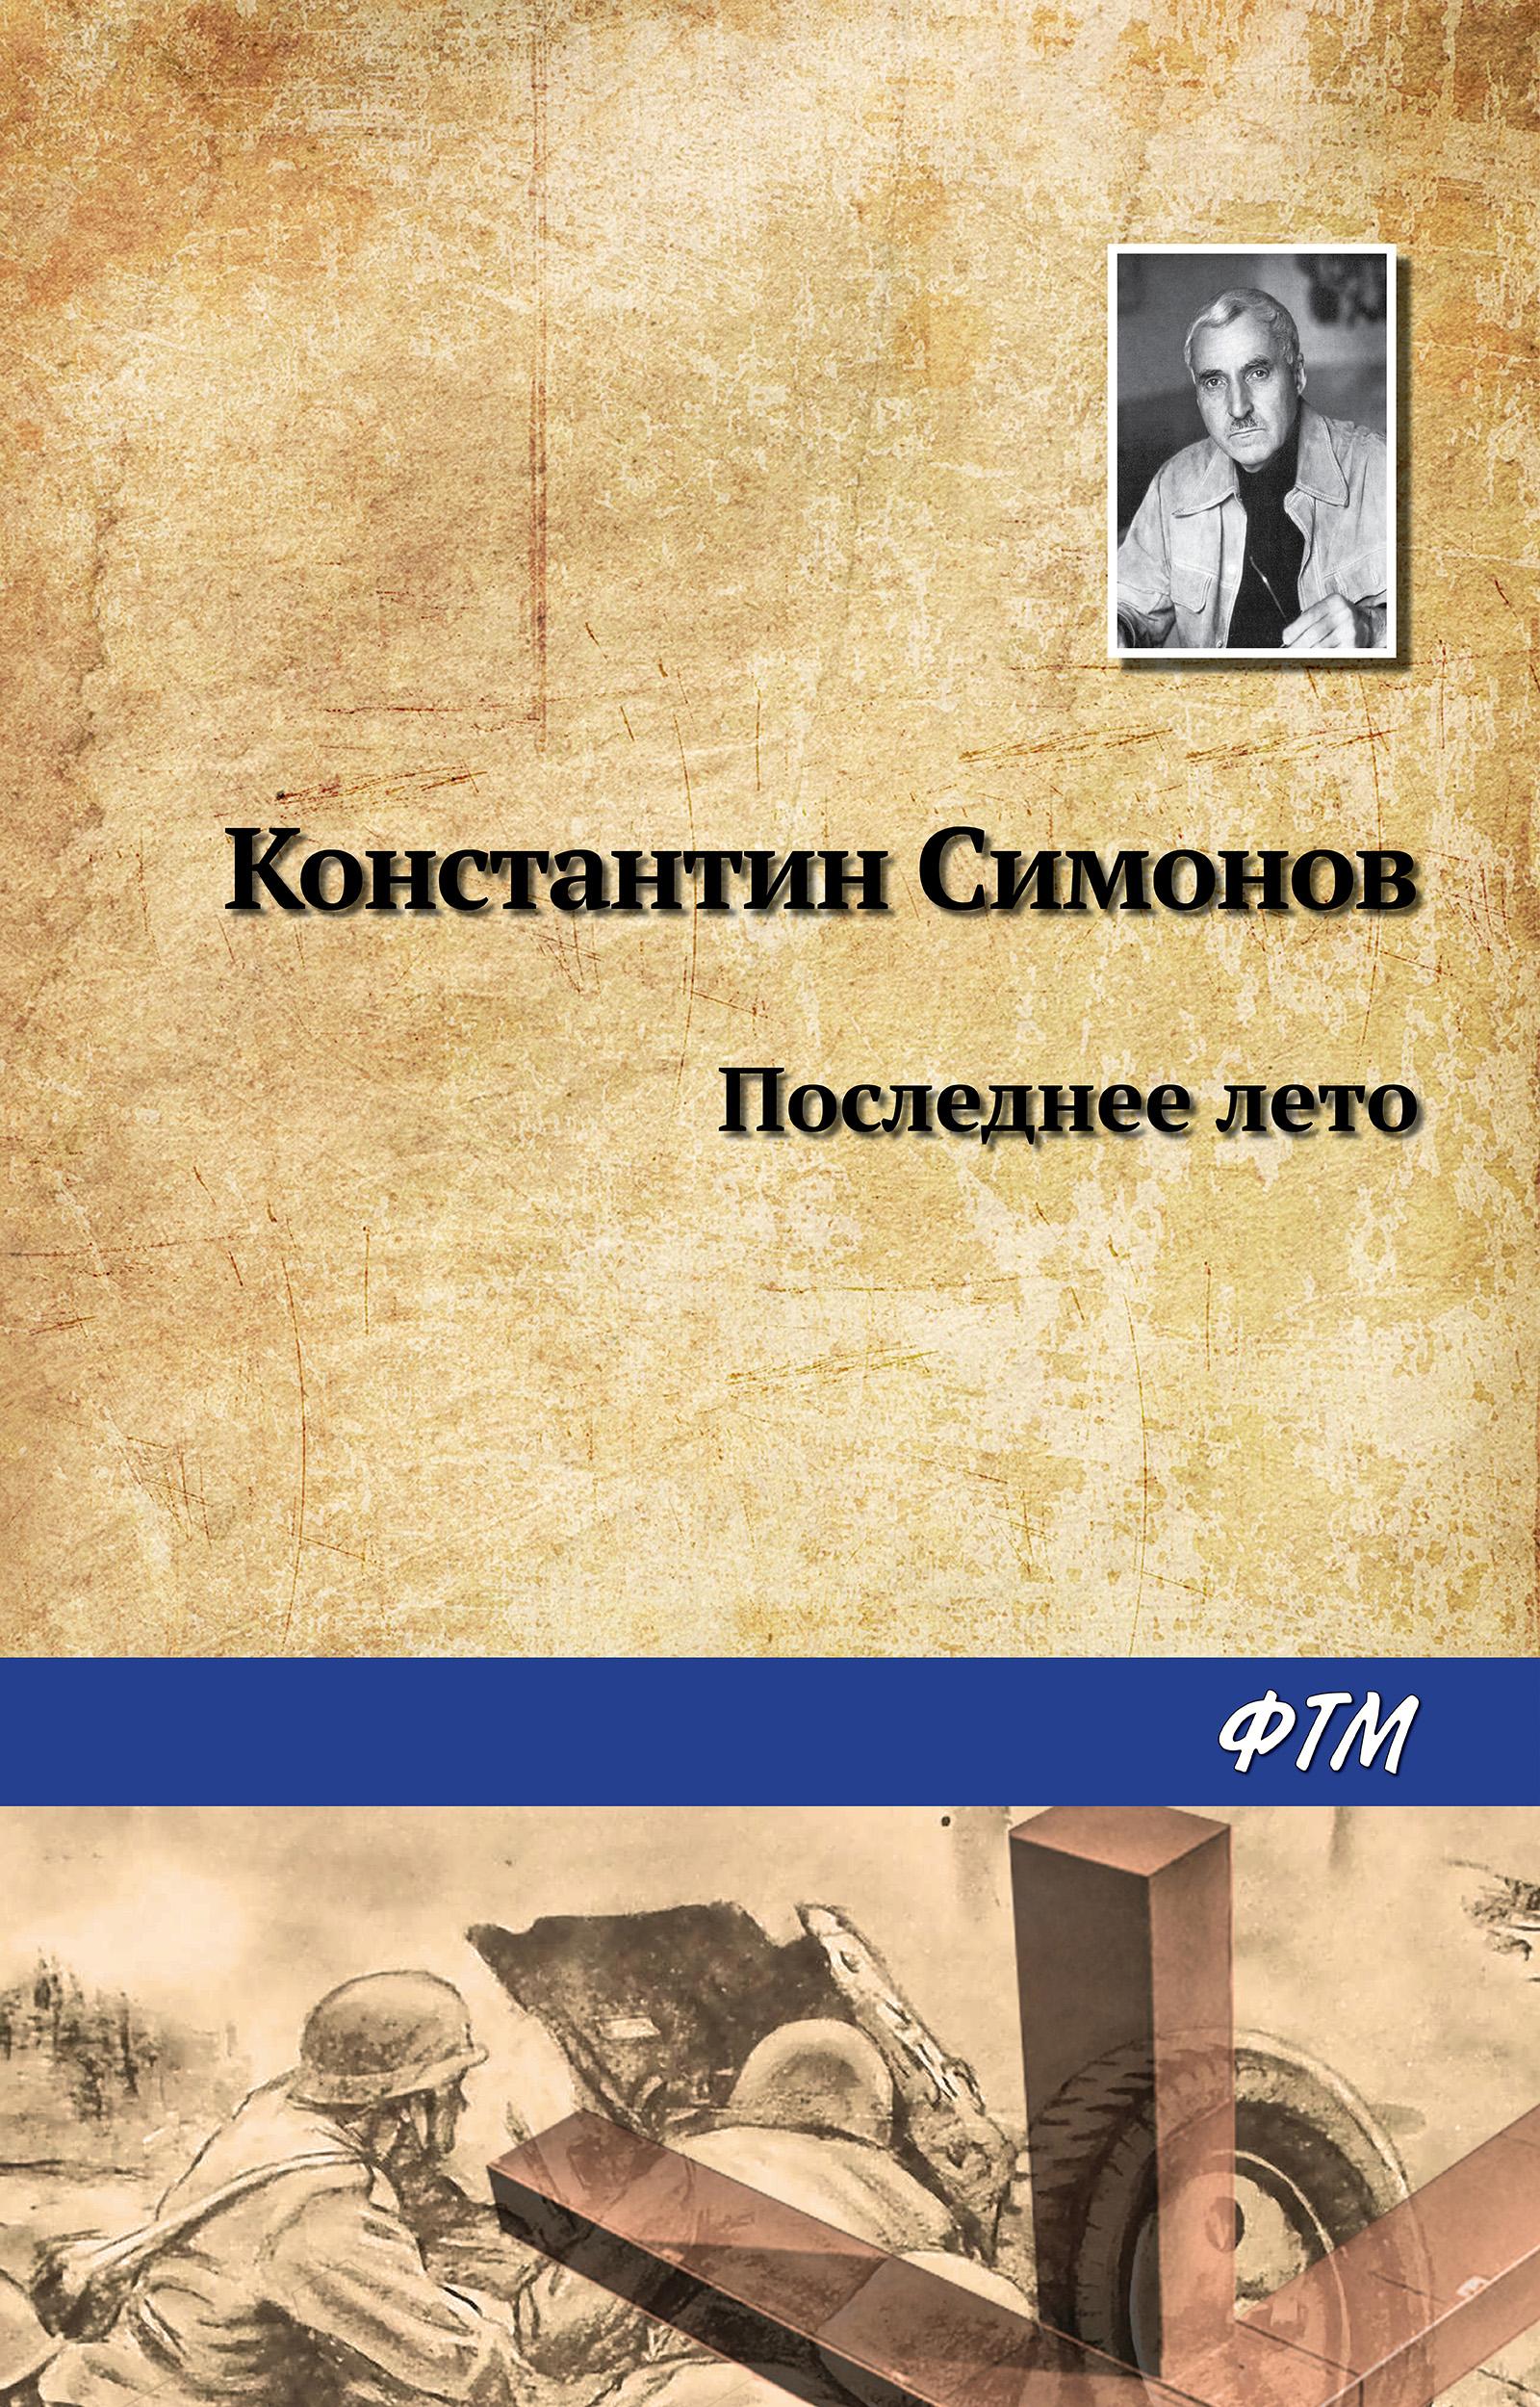 все цены на Константин Симонов Последнее лето онлайн